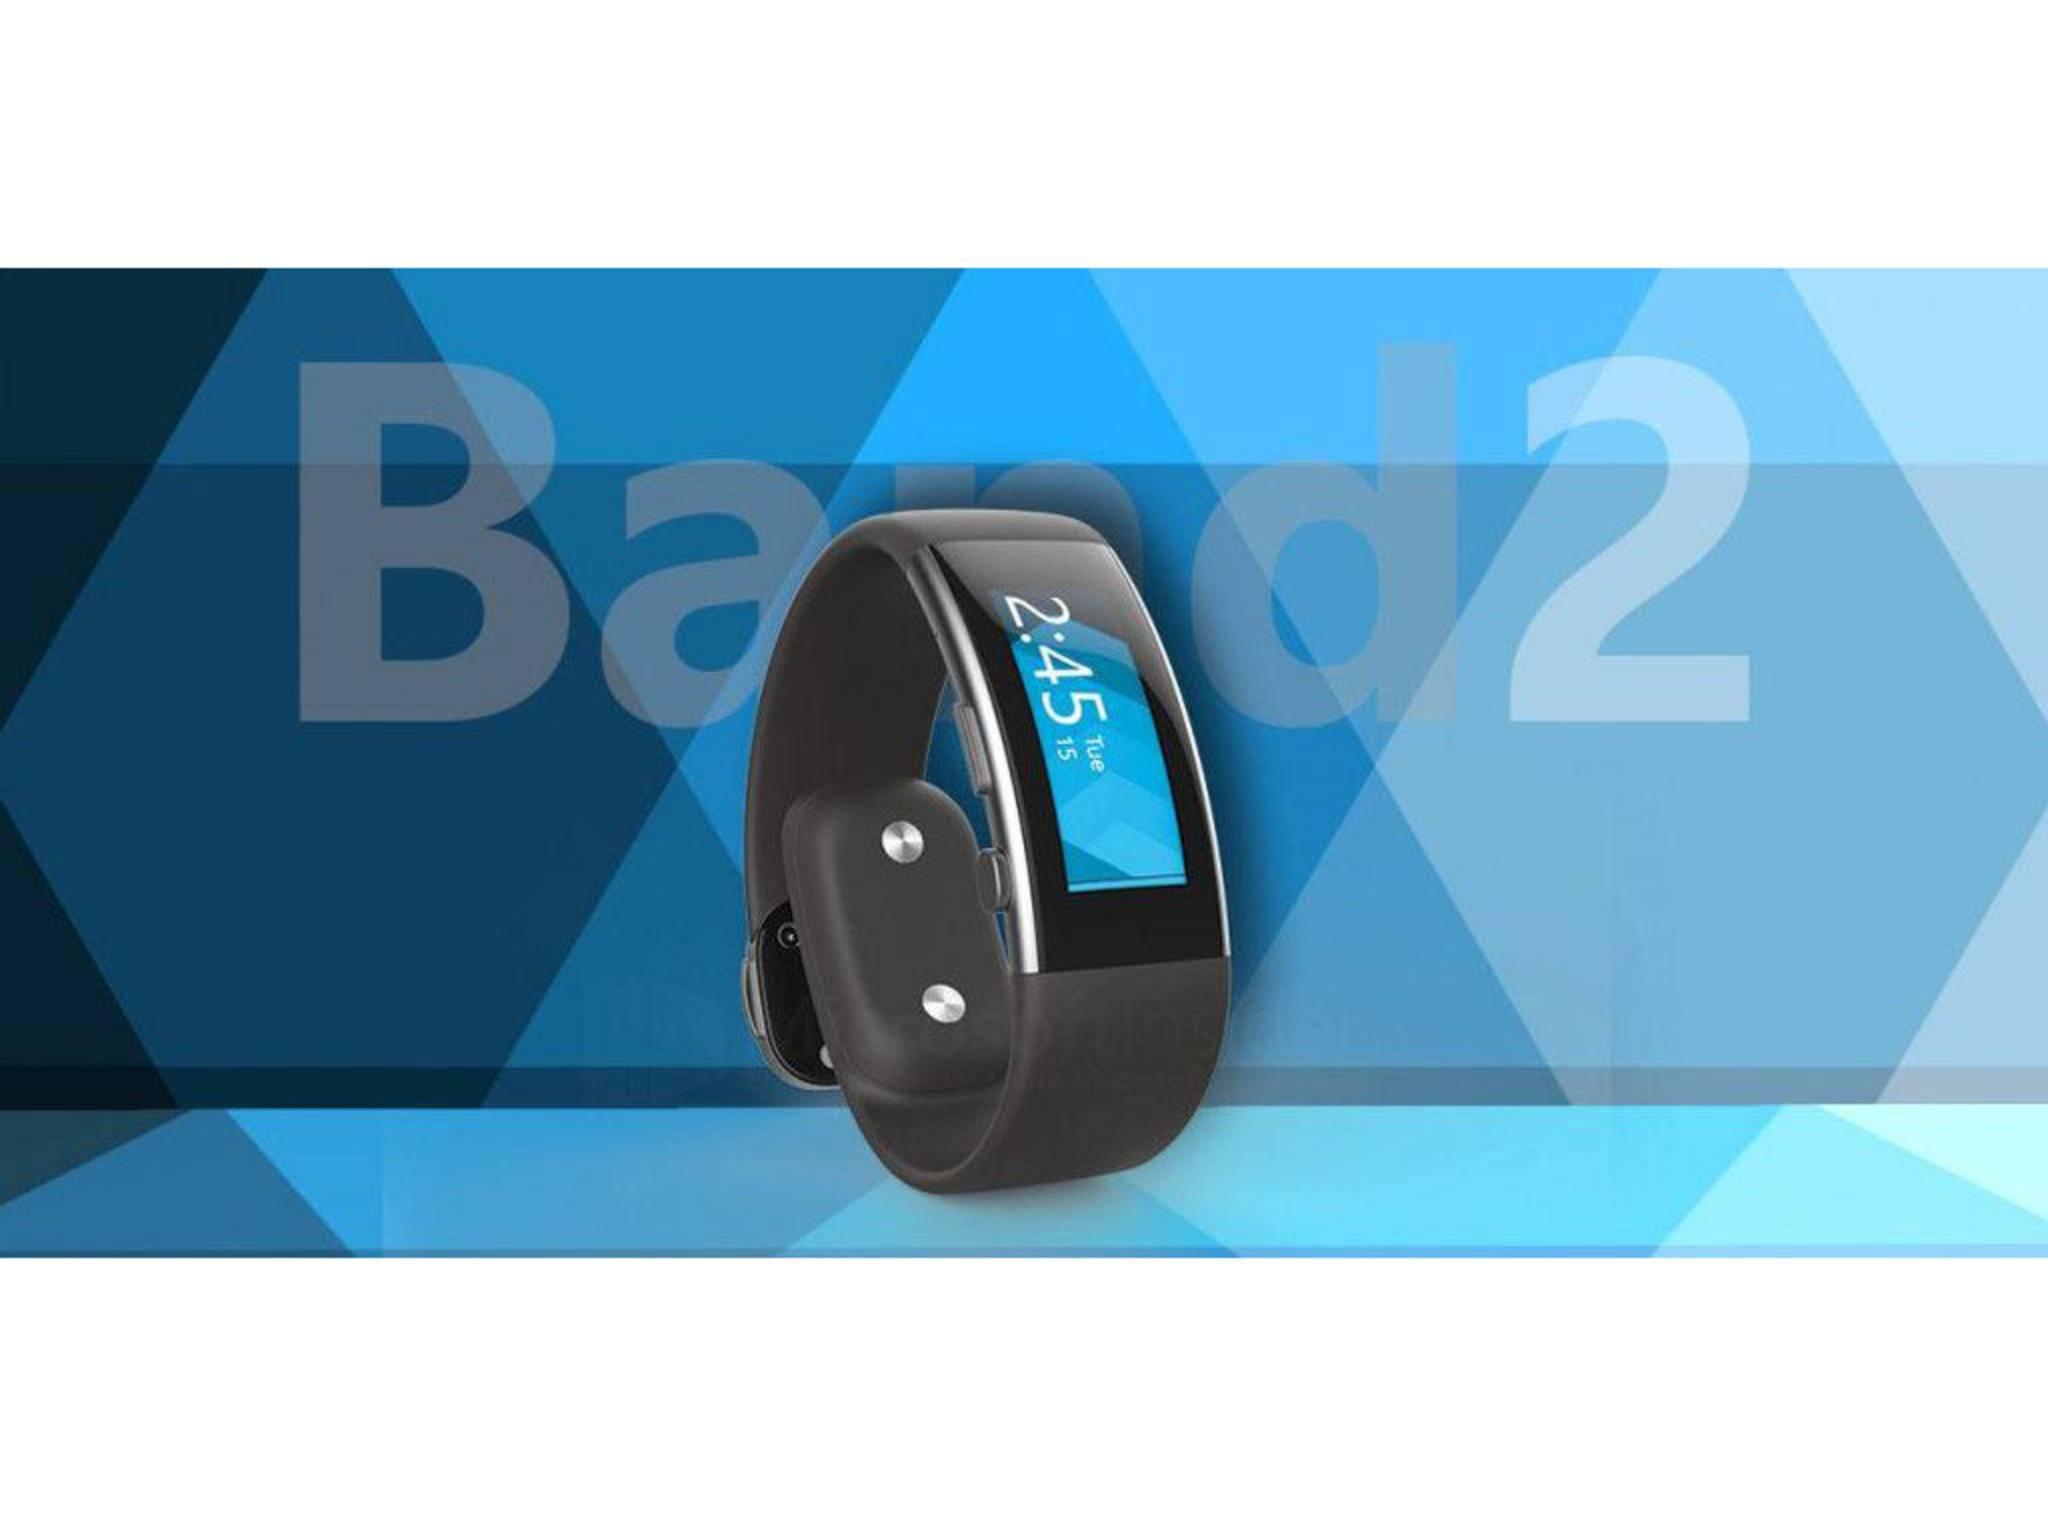 Das Microsoft Band 2 soll ein Curved-Display bekommen.